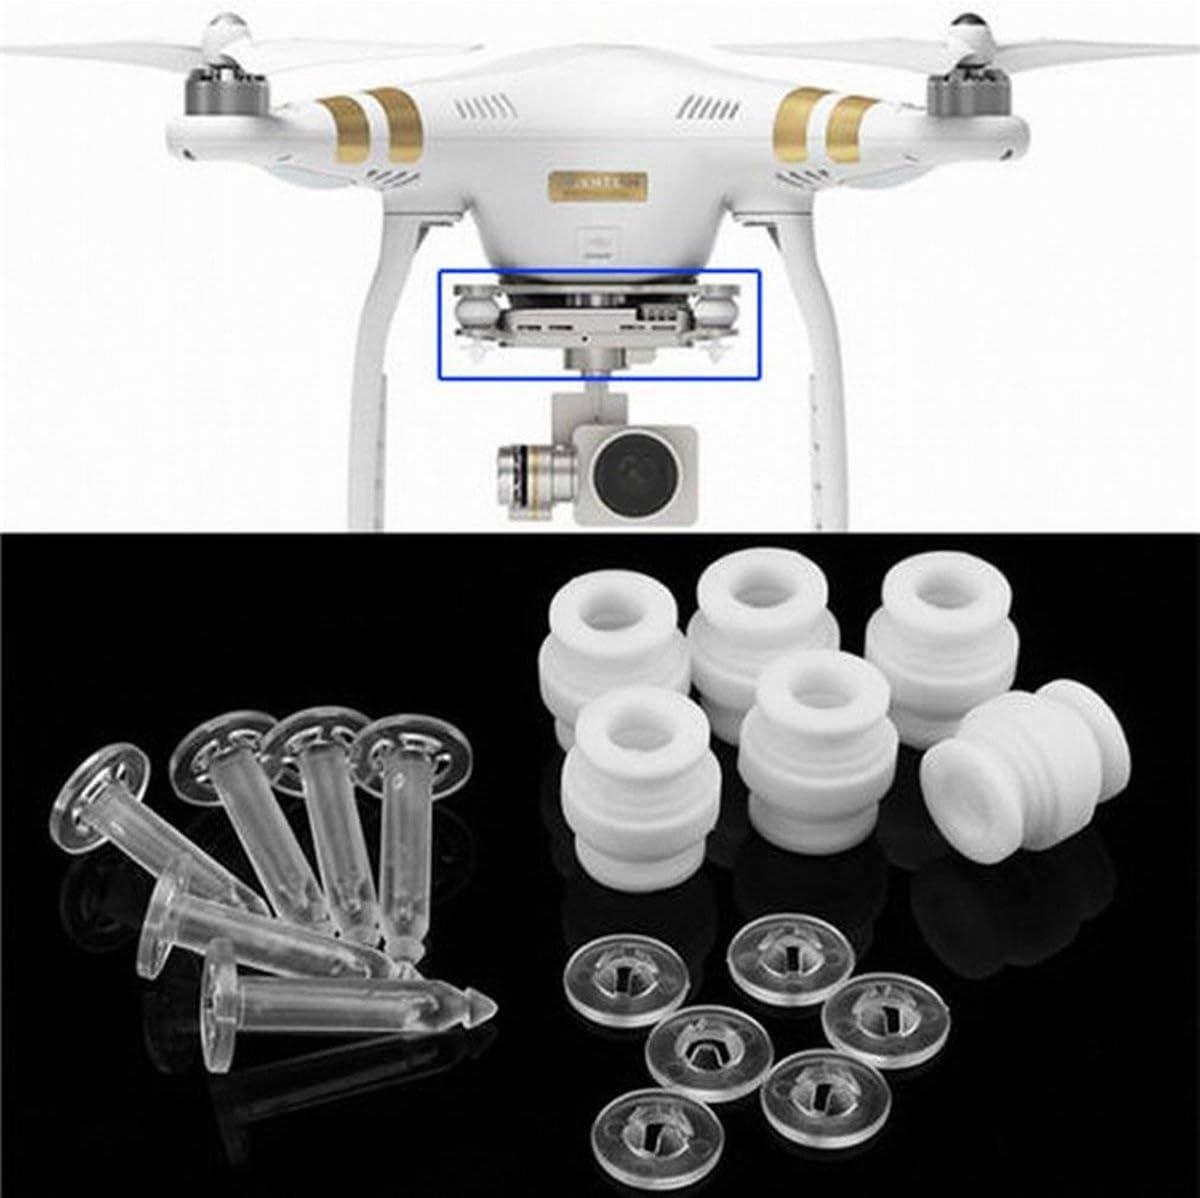 Cosye Kit di perni antisfondamento e perni antigoccia ammortizzatori con Giunto cardanico per DJI Phantom 3 Standard Professional Advanced